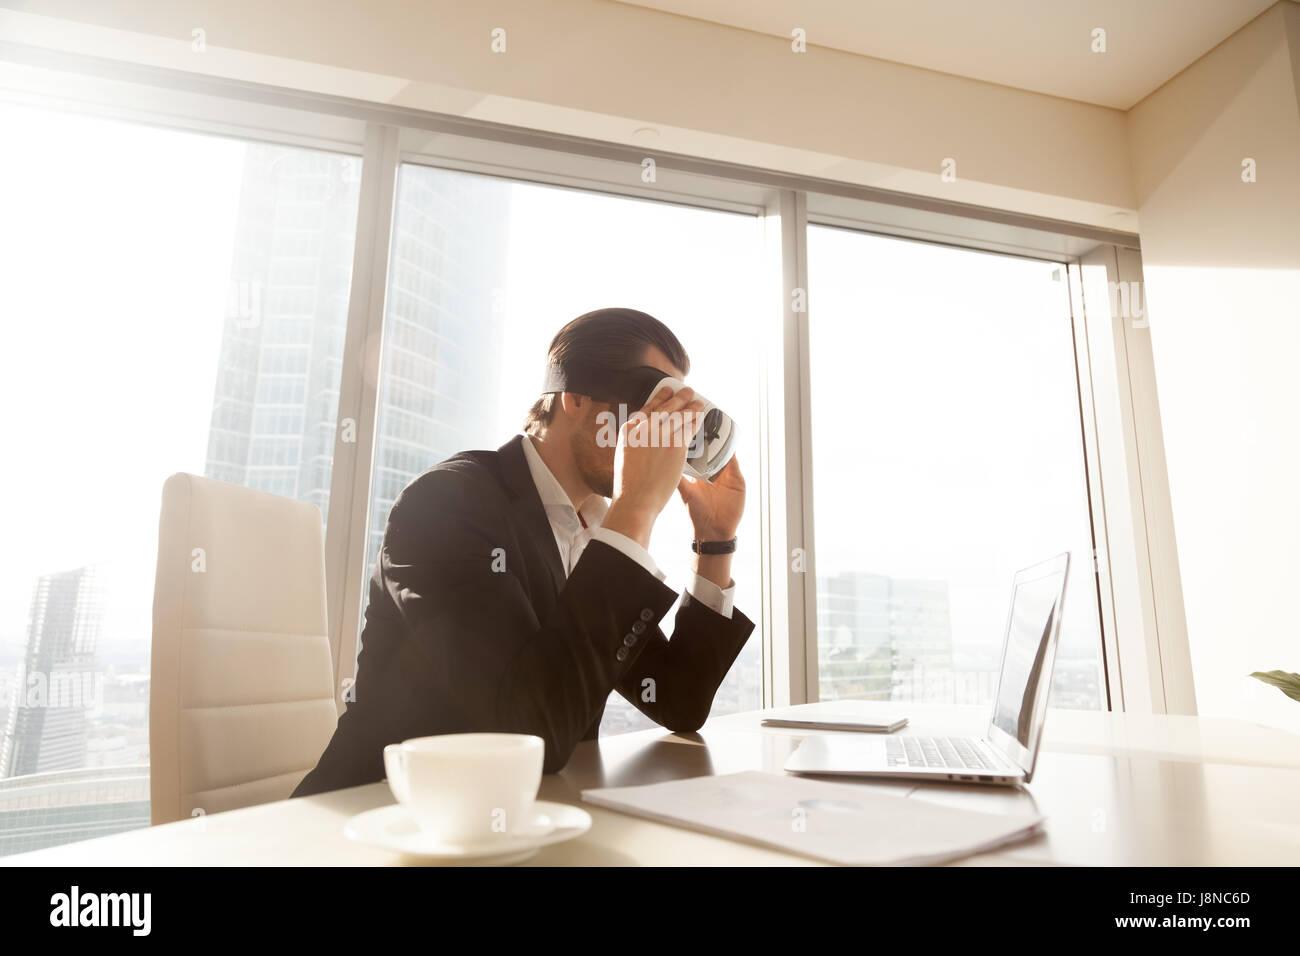 Hombre mirando la pantalla de un ordenador portátil a través de auriculares VR Foto de stock